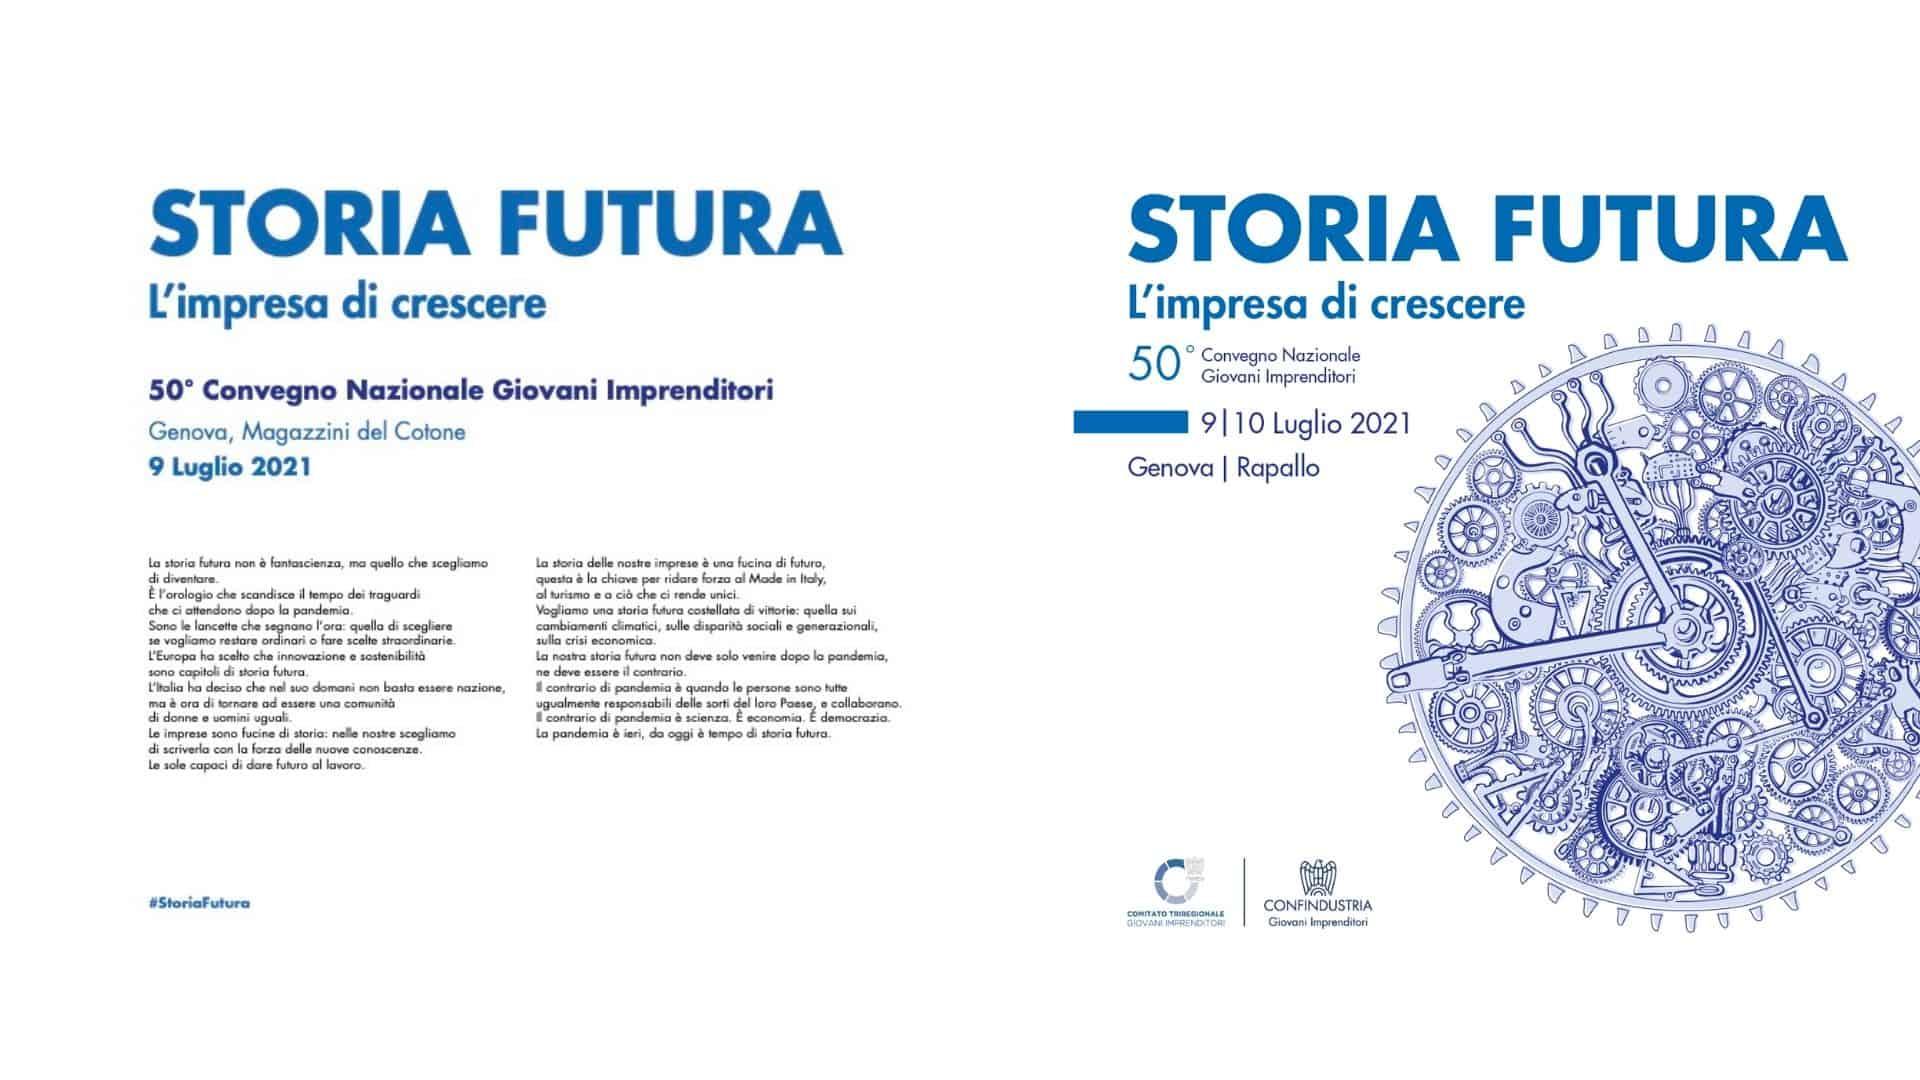 Storia futura 50 convegno Giovani IMmprenditori